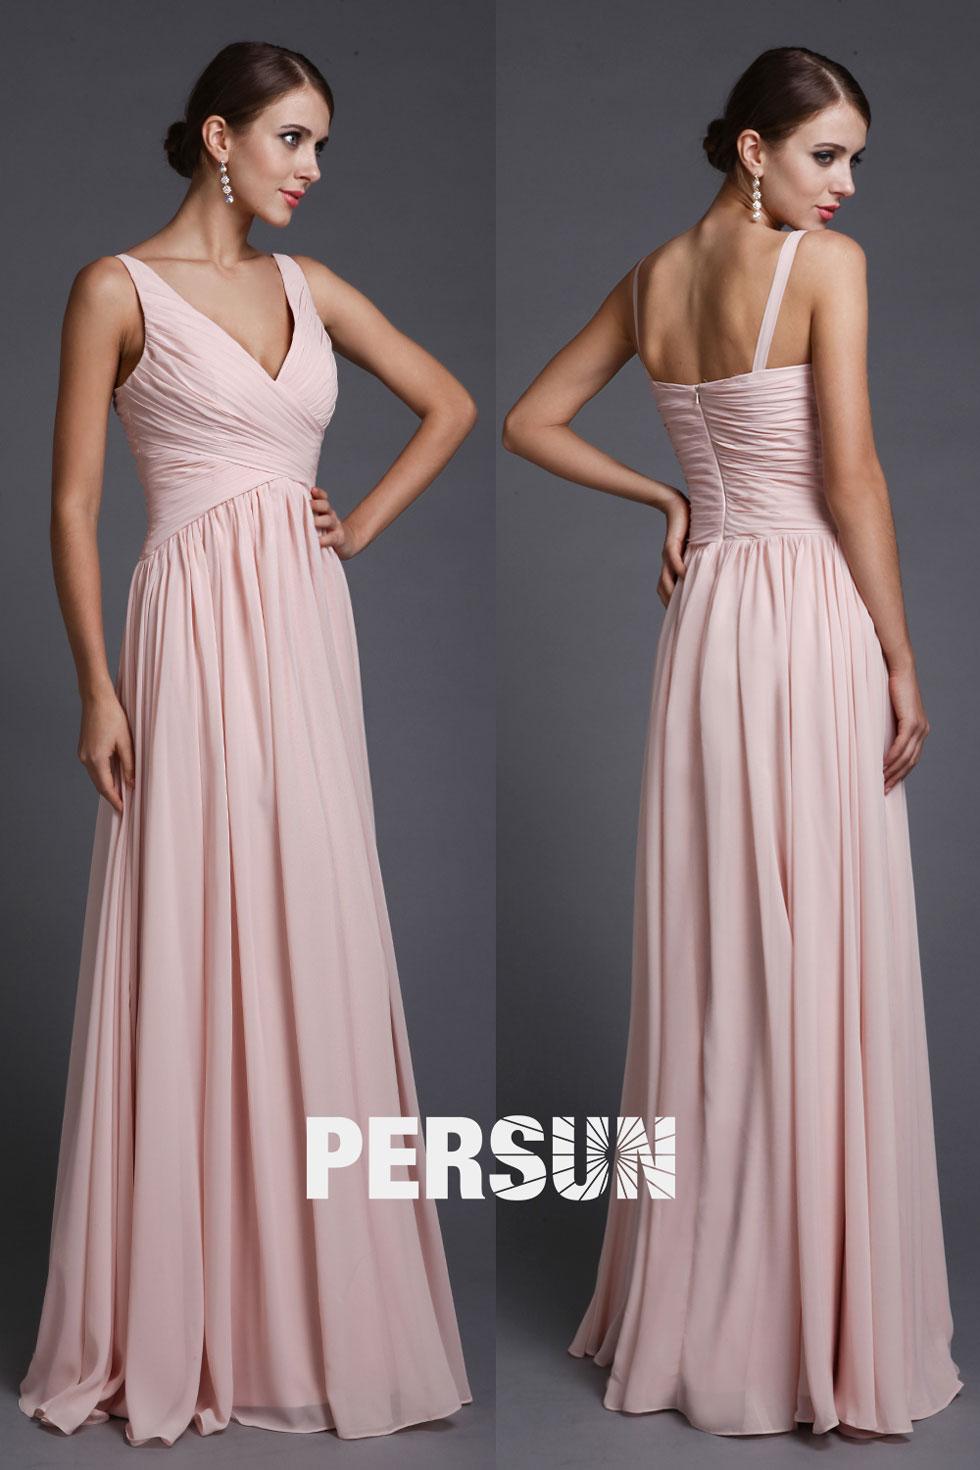 simple rose robe plissée col v pour un baptême ou une réunion familiale